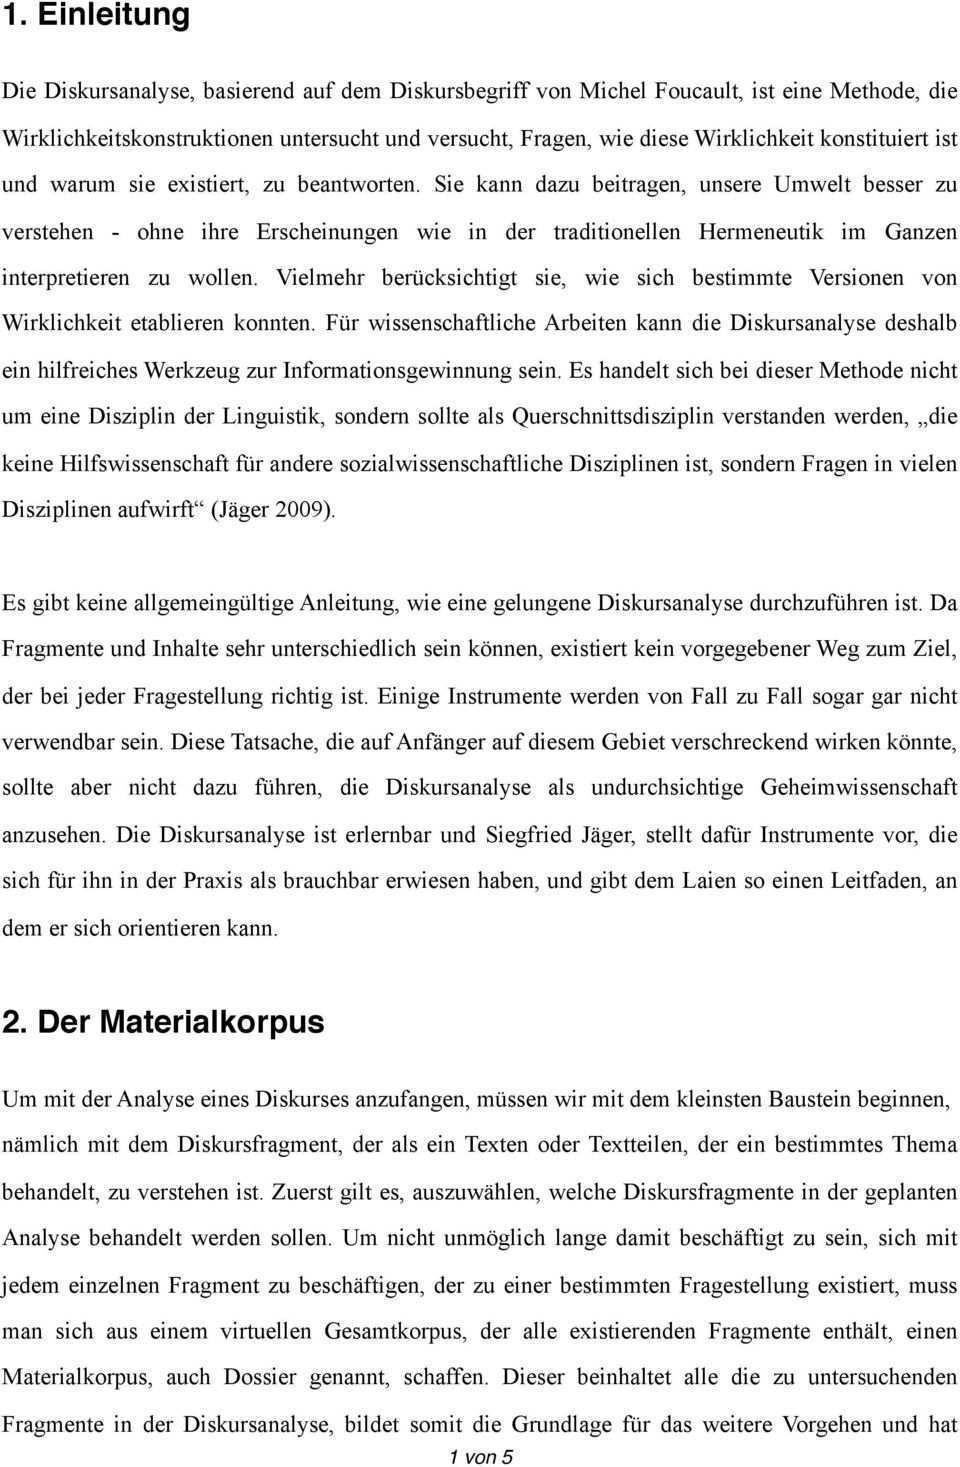 1 Einleitung 2 Der Materialkorpus 3 Das Analyseverfahren 4 Quellen Pdf Free Download